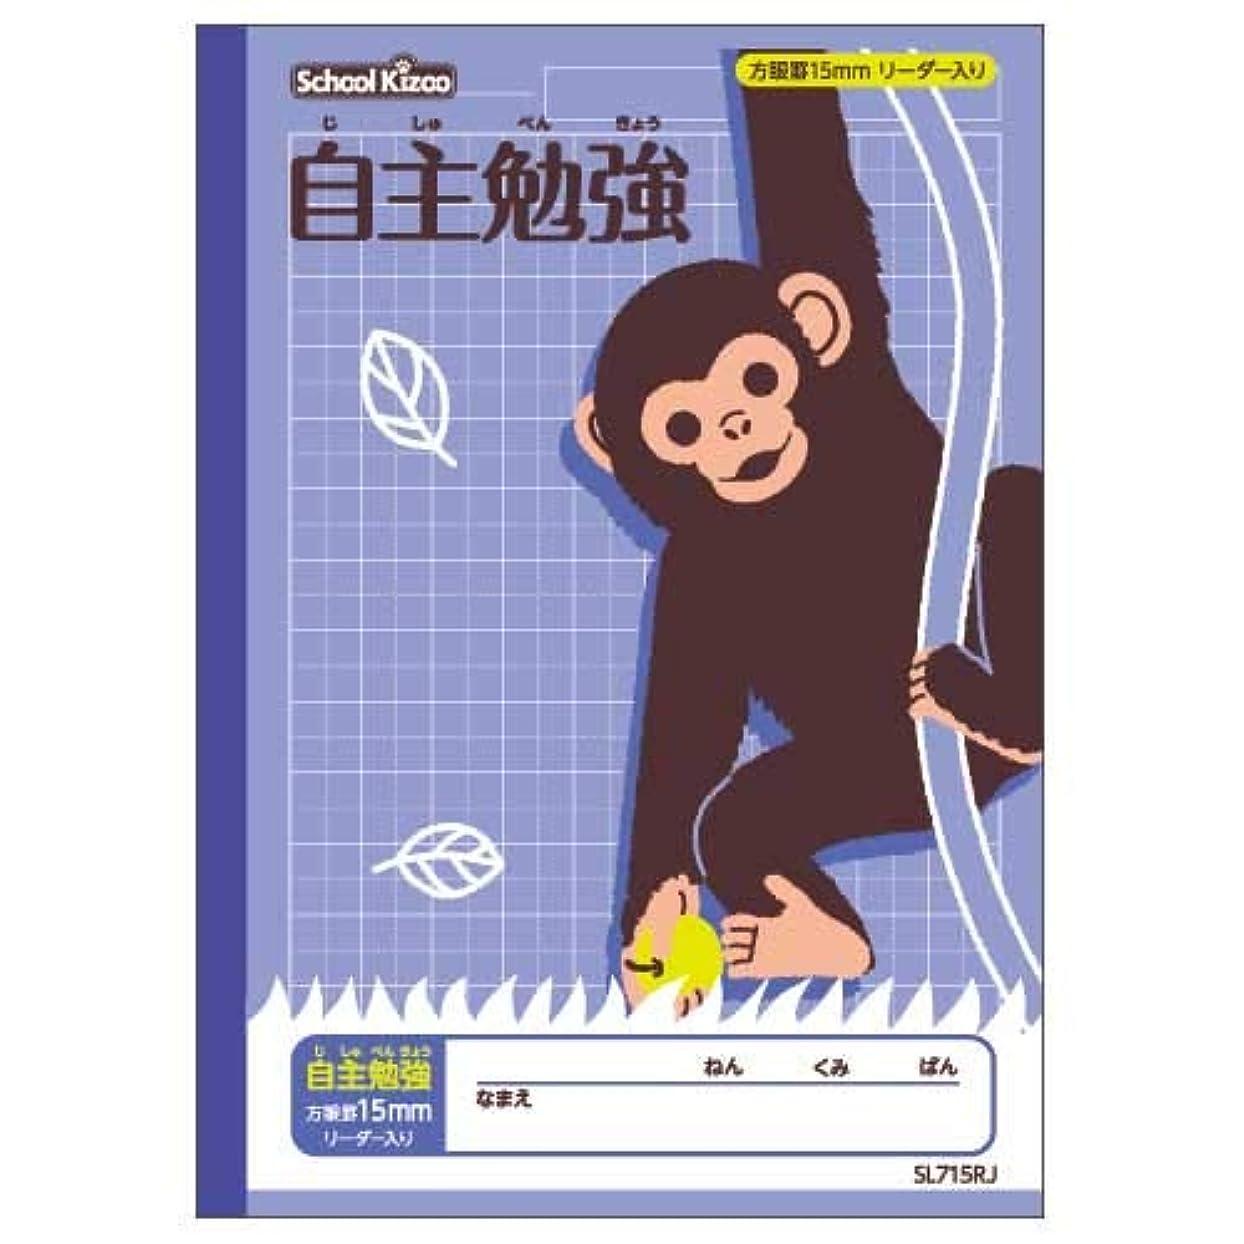 凍る指導する陽気なアピカ スクールキッズ 学習帳 自主勉強 15mm方眼罫 リーダー入り SL715RJ 【まとめ買い10冊セット】